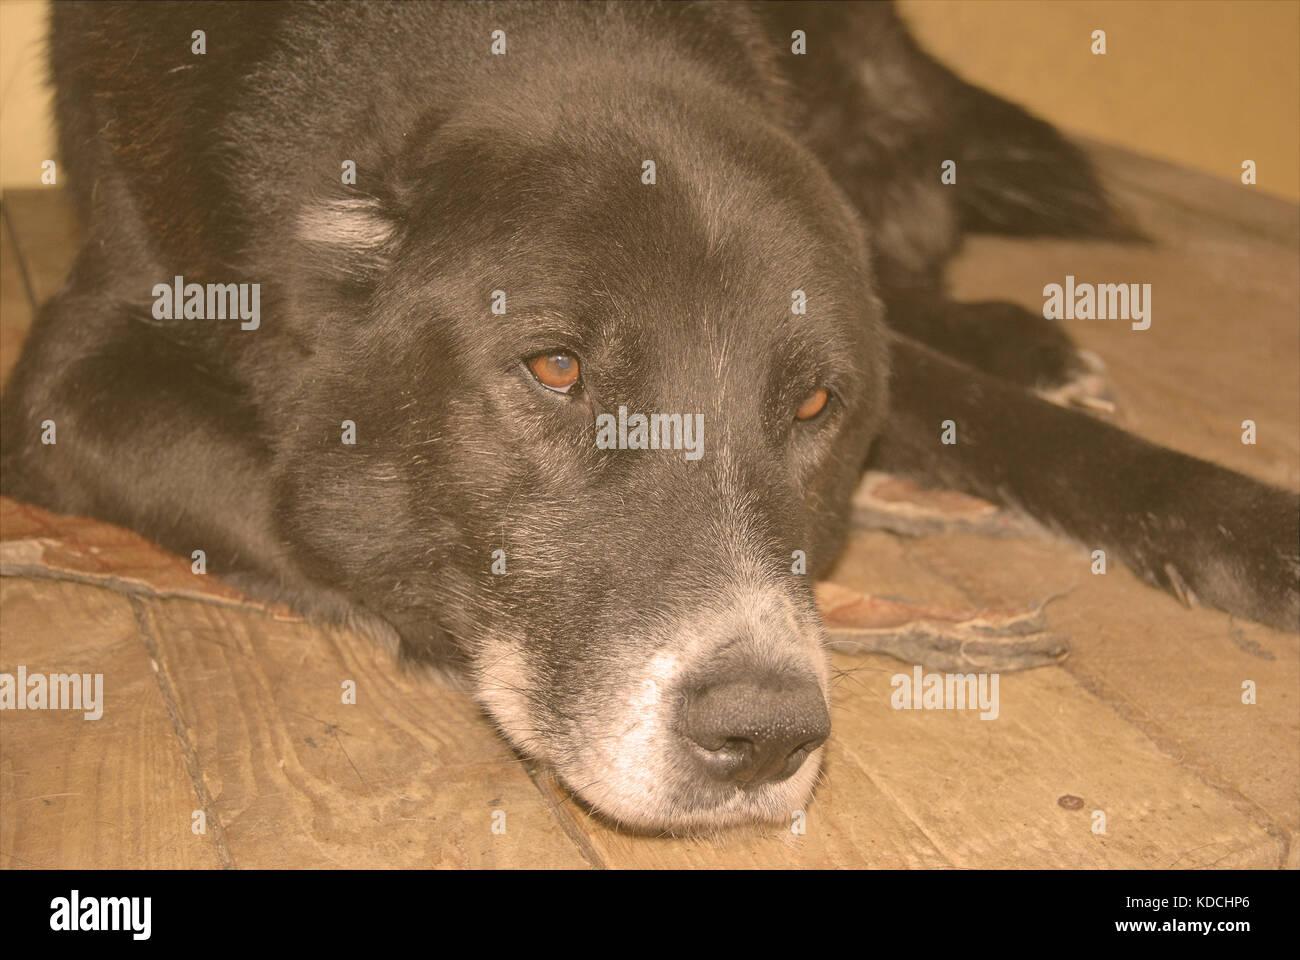 Central Asian Shepherd Dog Stock Photos & Central Asian Shepherd Dog ...